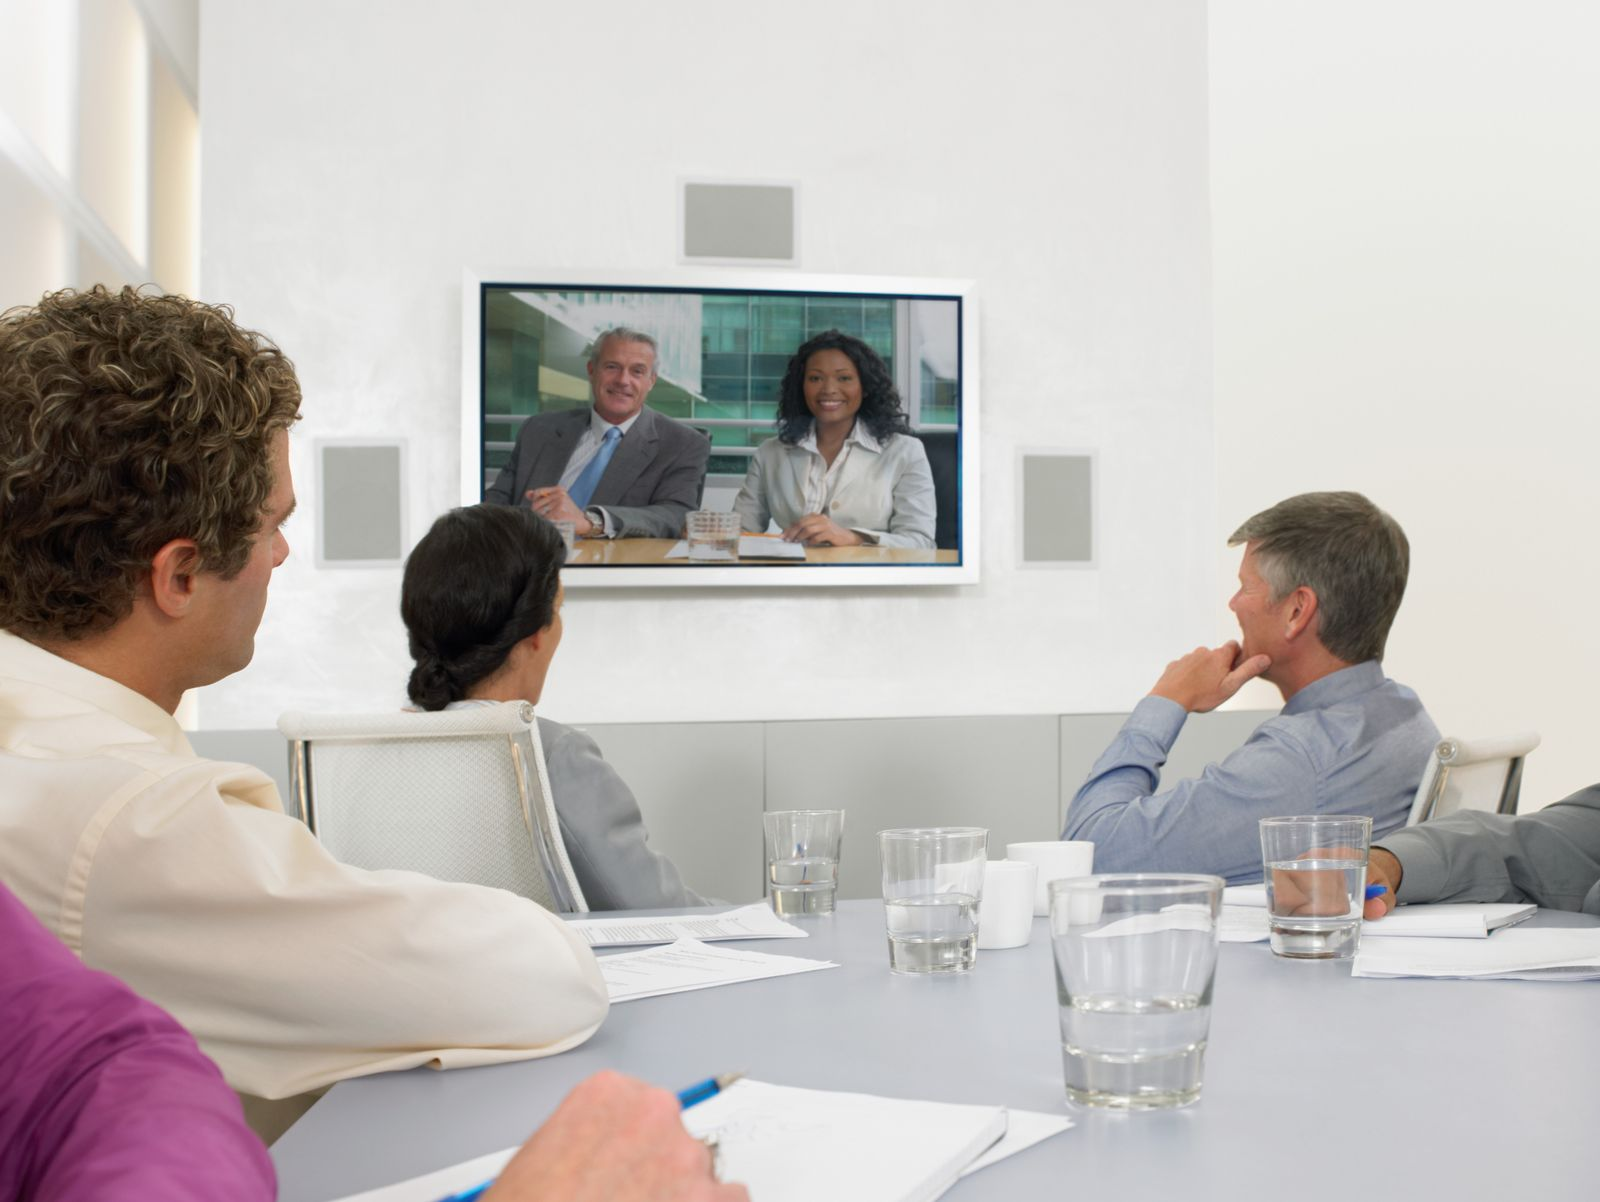 NICHT MEHR VERWENDEN! - Videokonferenz / Videochat / Konferenz / Meeting im Büro